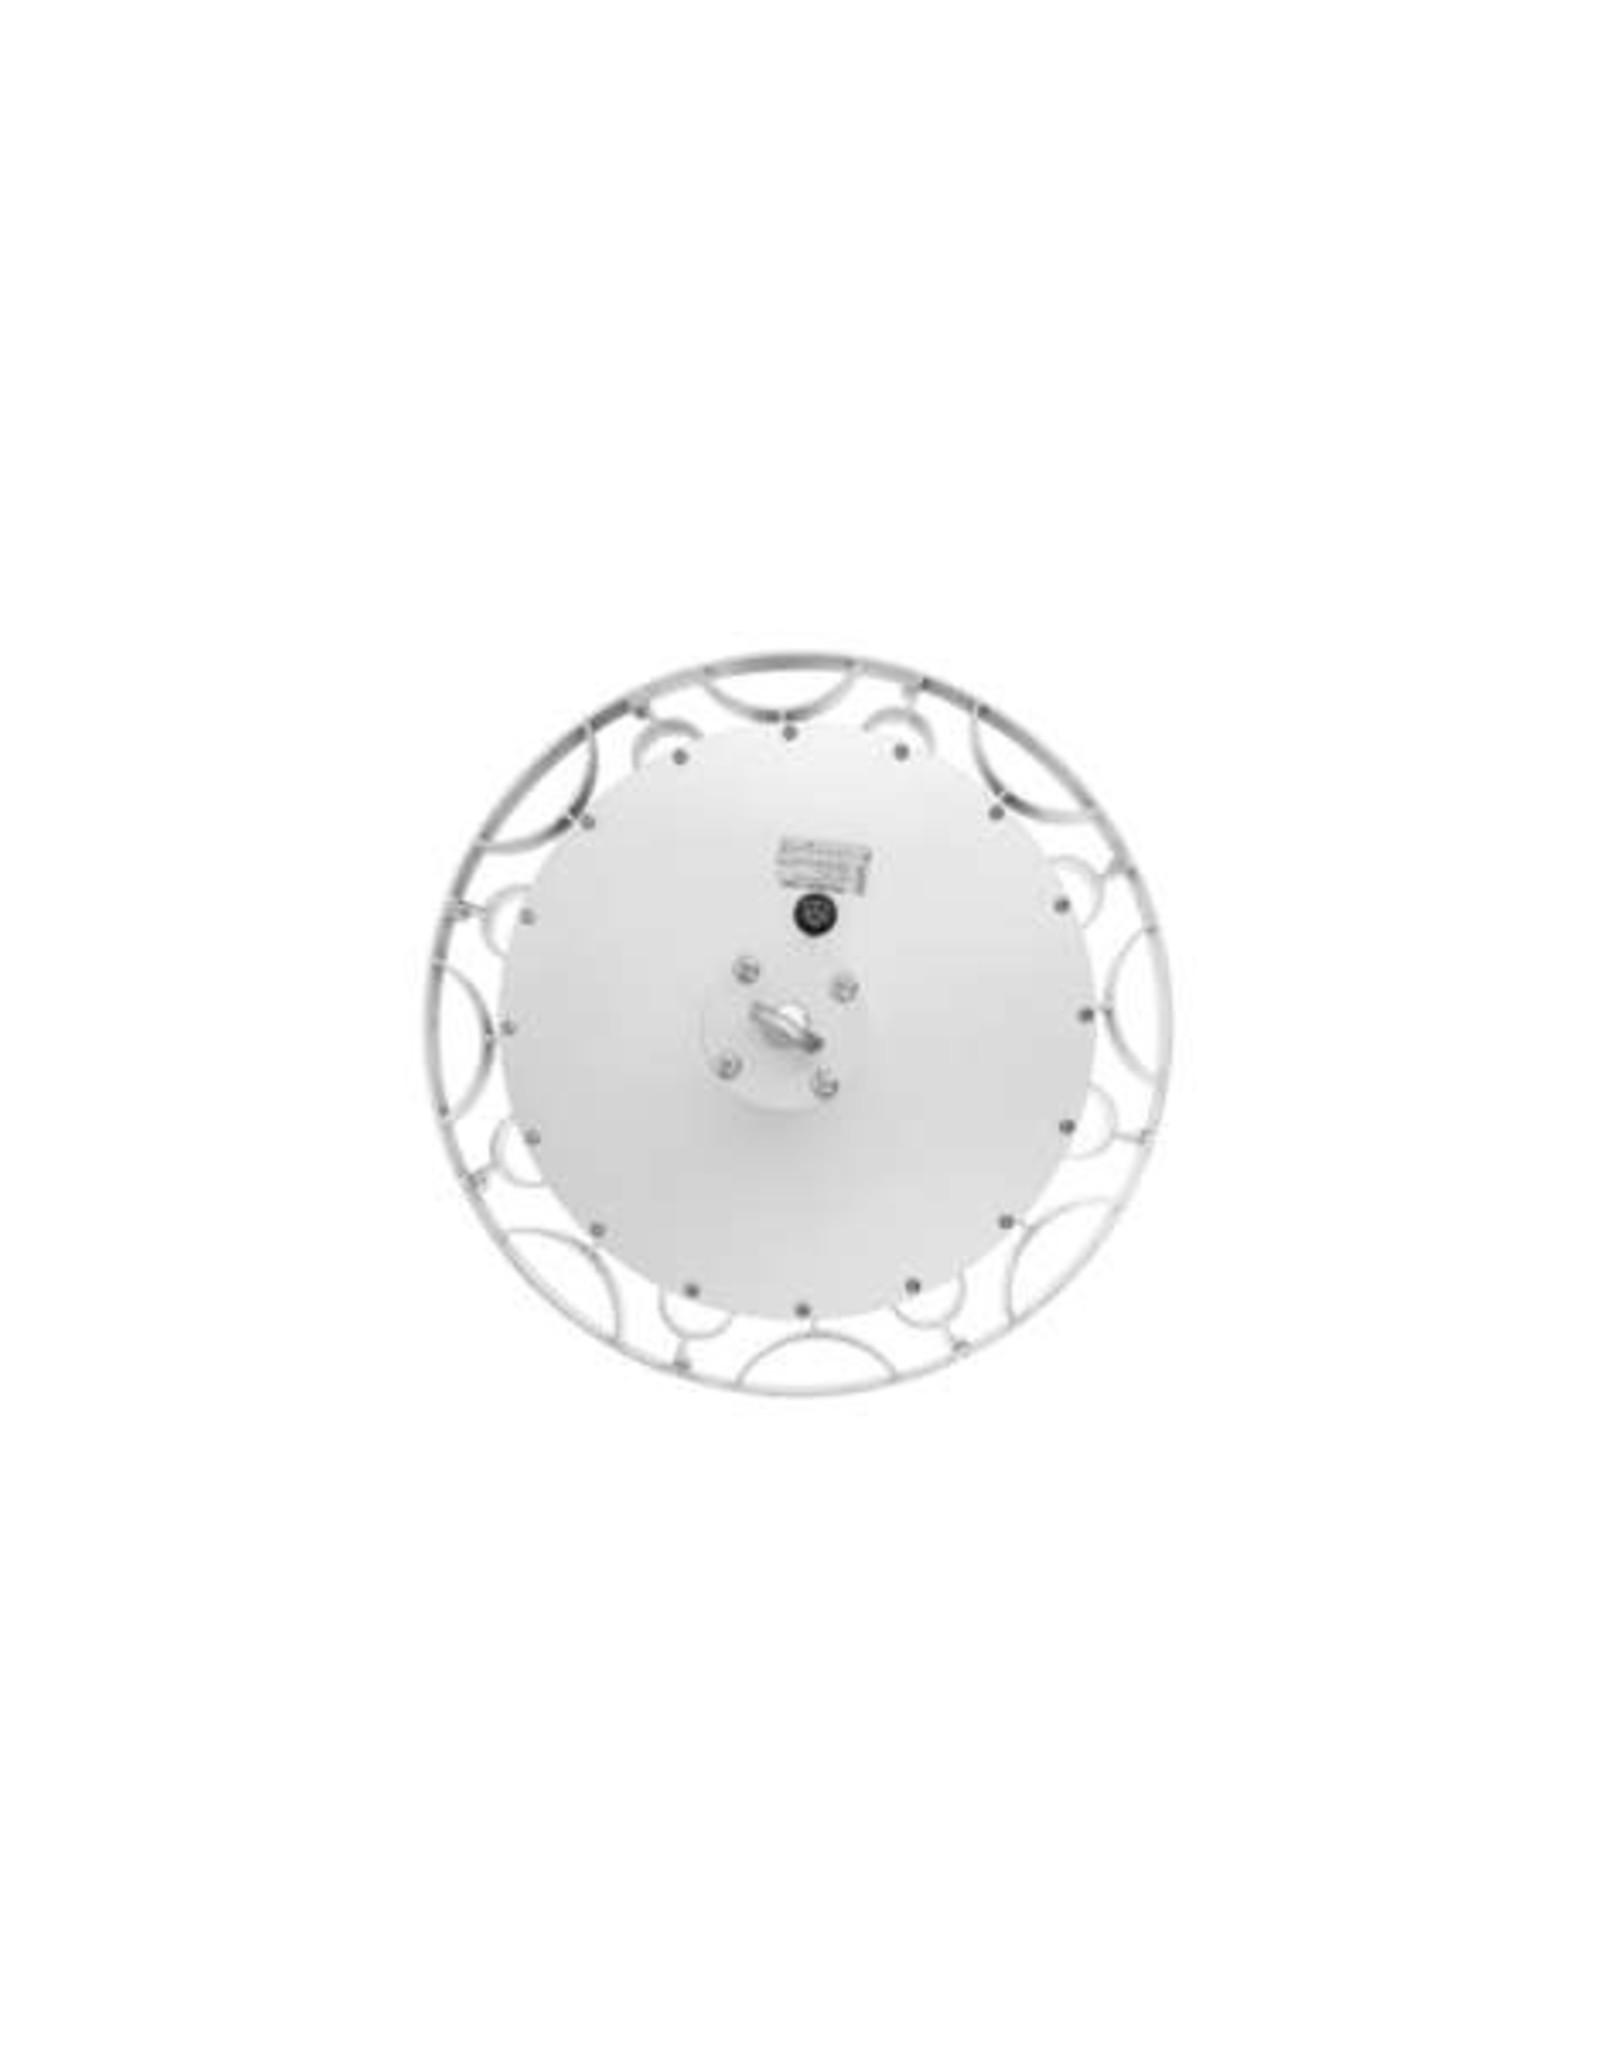 LUXON LED HIGHBAY : LED 3.0 I